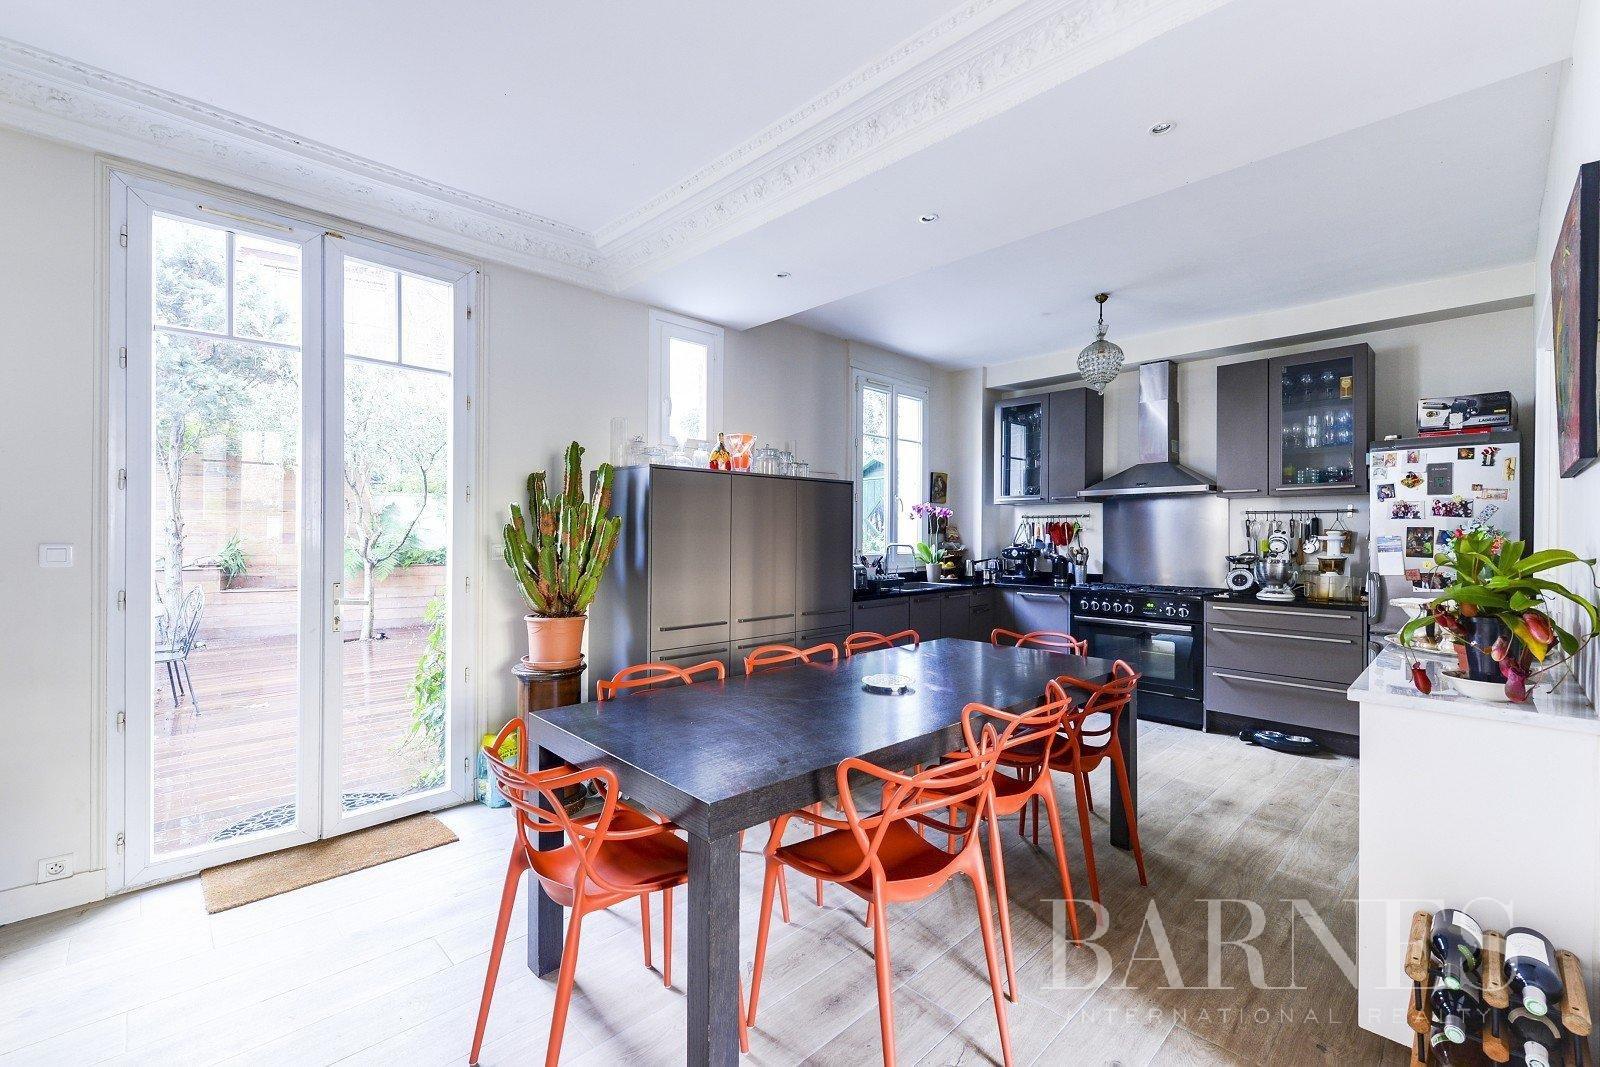 Maison a louer boulogne-billancourt - 10 pièce(s) - 257 m2 - Surfyn